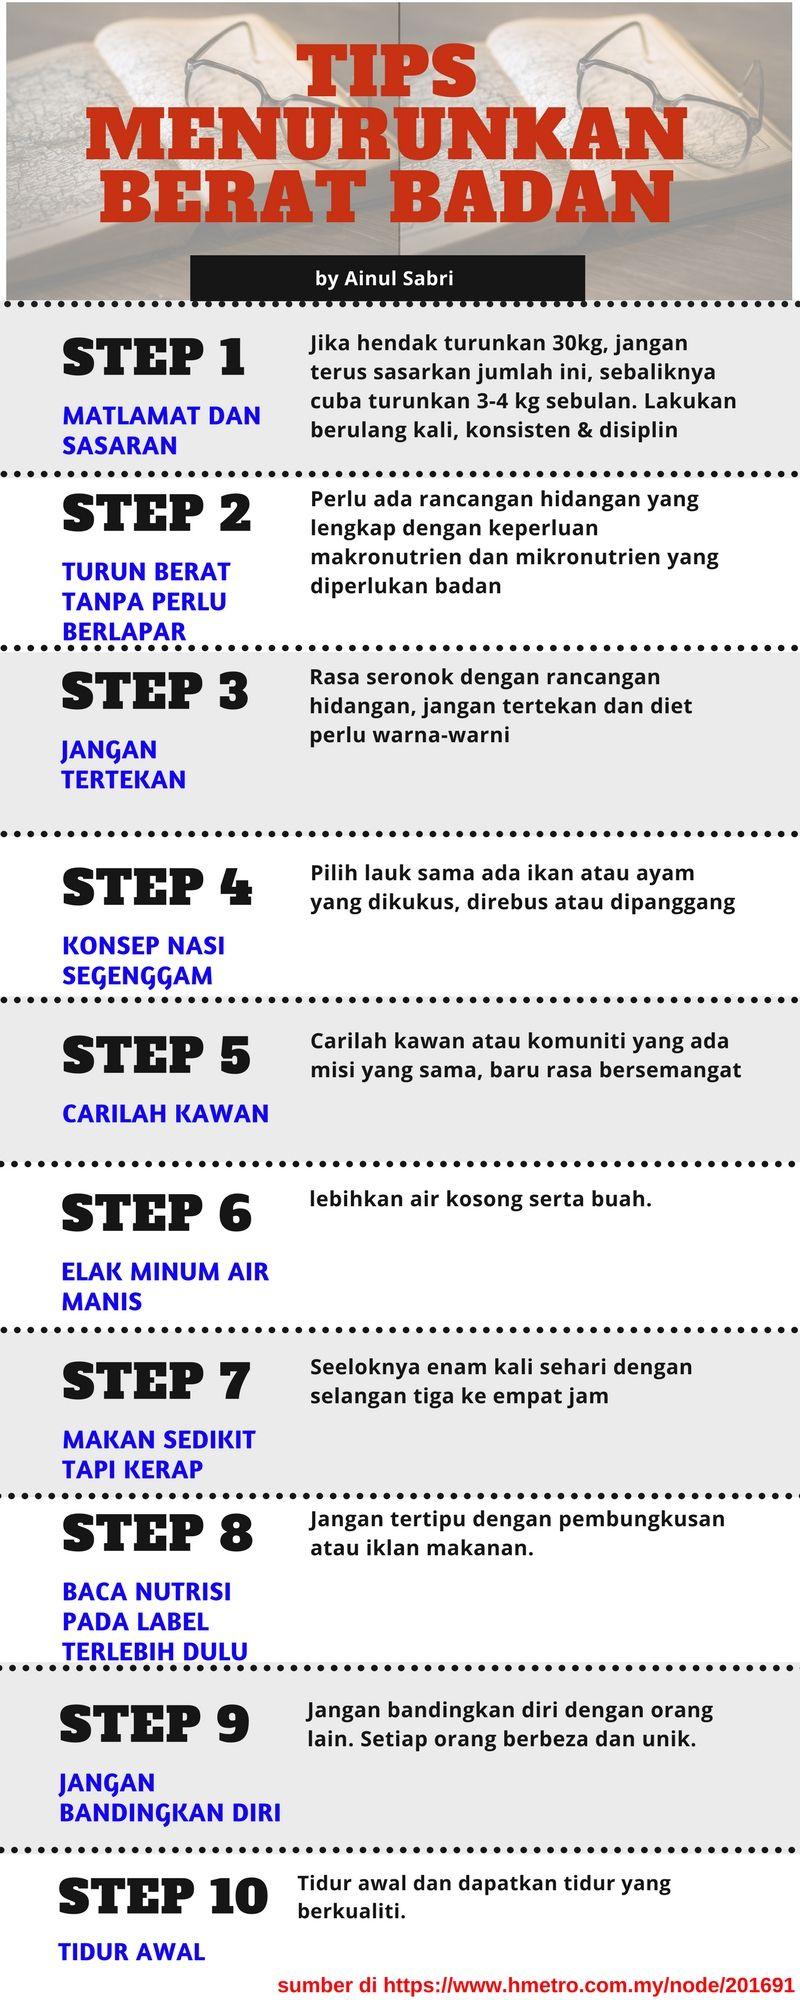 Tips Turun Berat Badan Berat Tips